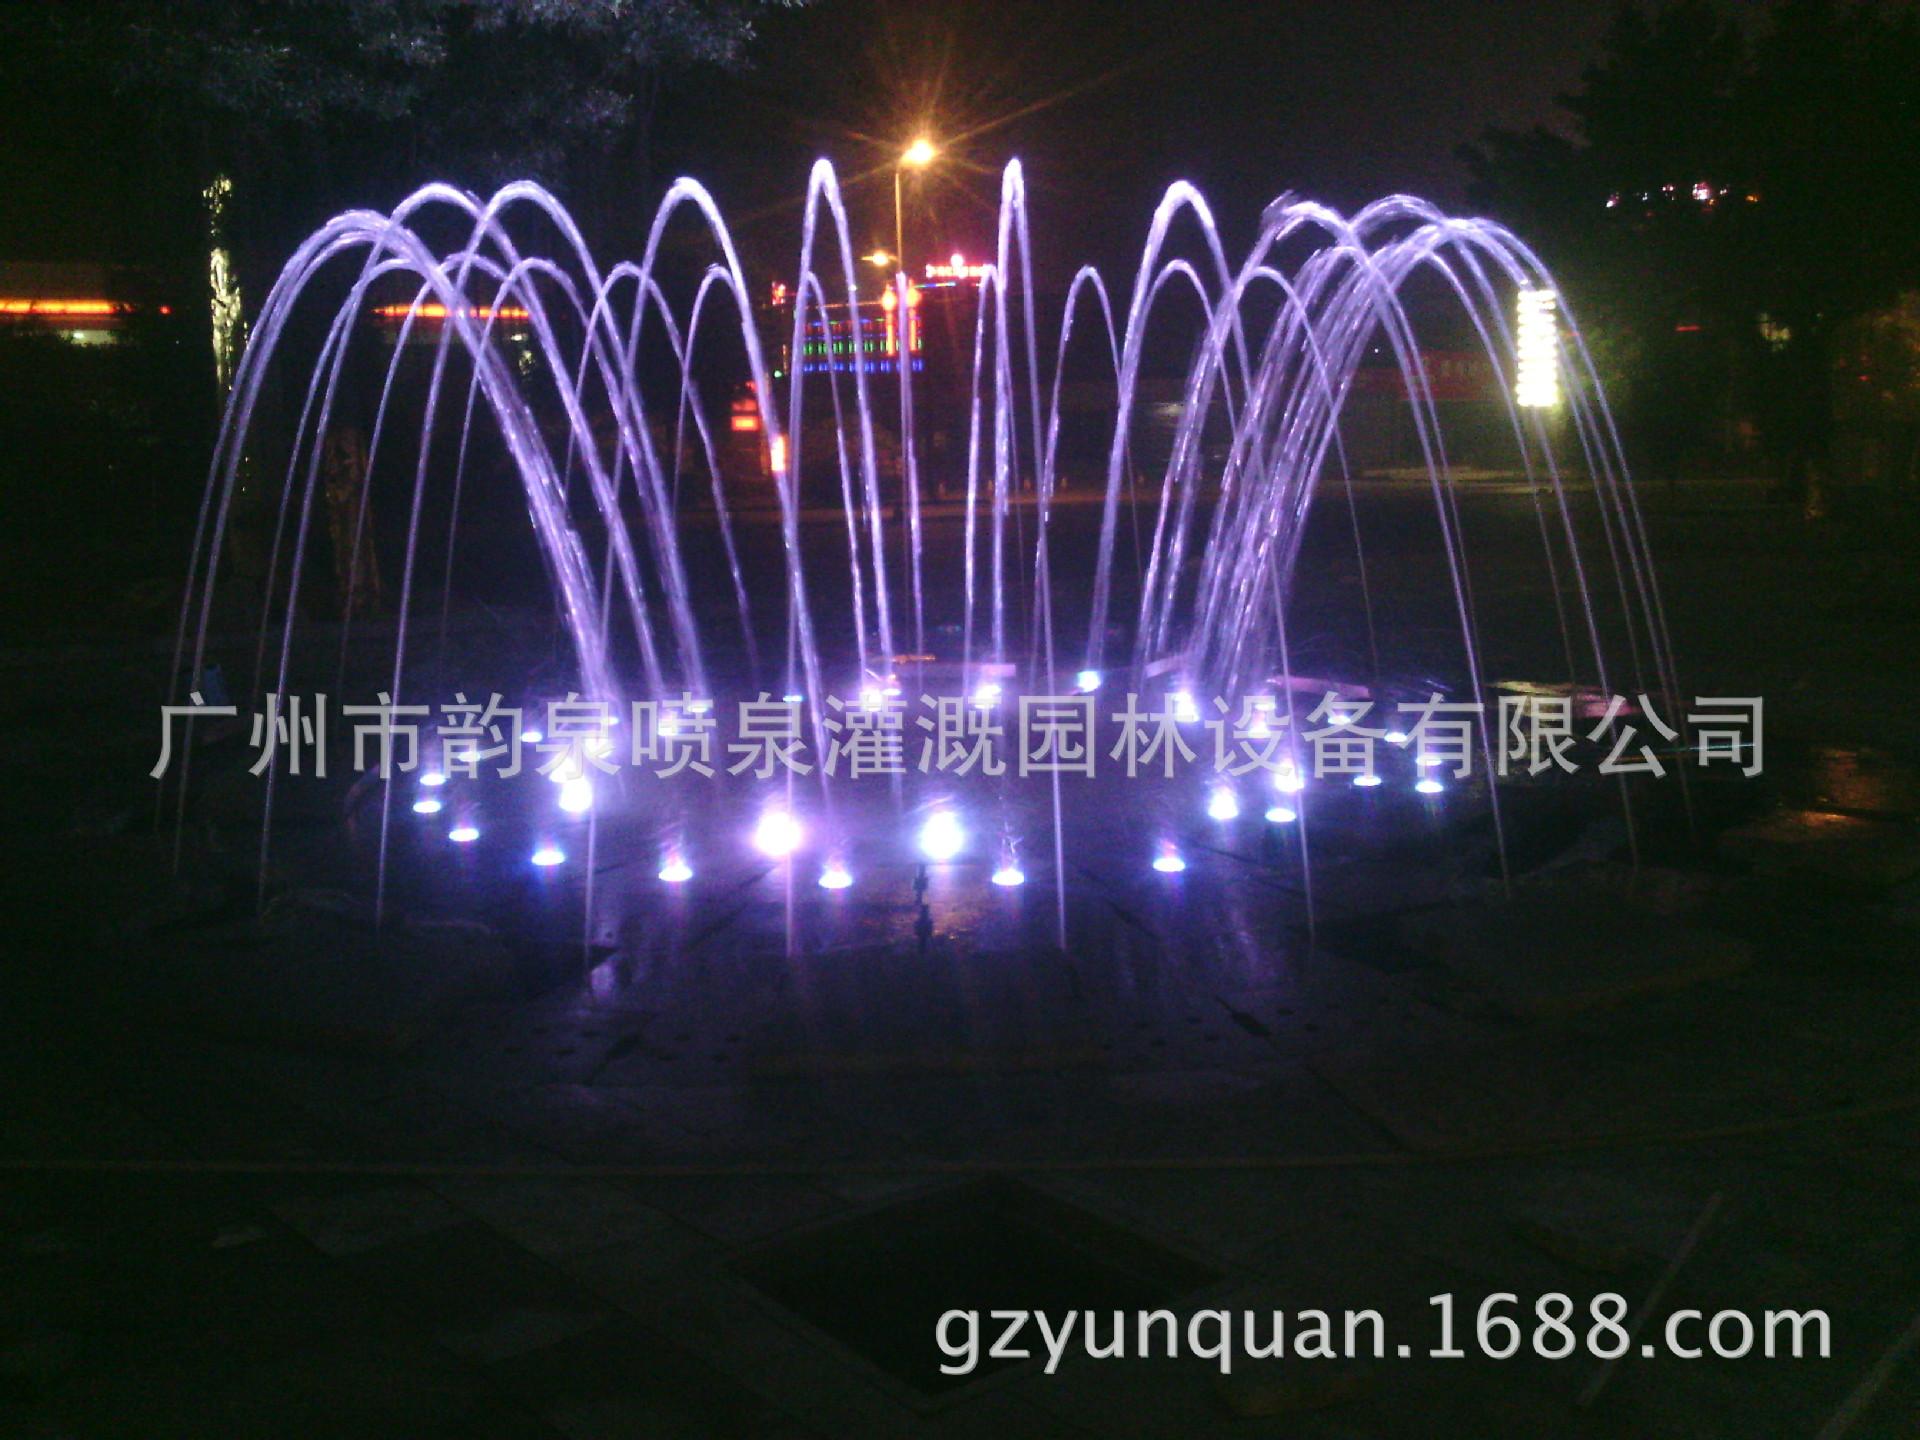 喷泉水景 广州 音乐喷泉工程 广州水幕电影 广州景观水景工程 广州喷泉图片